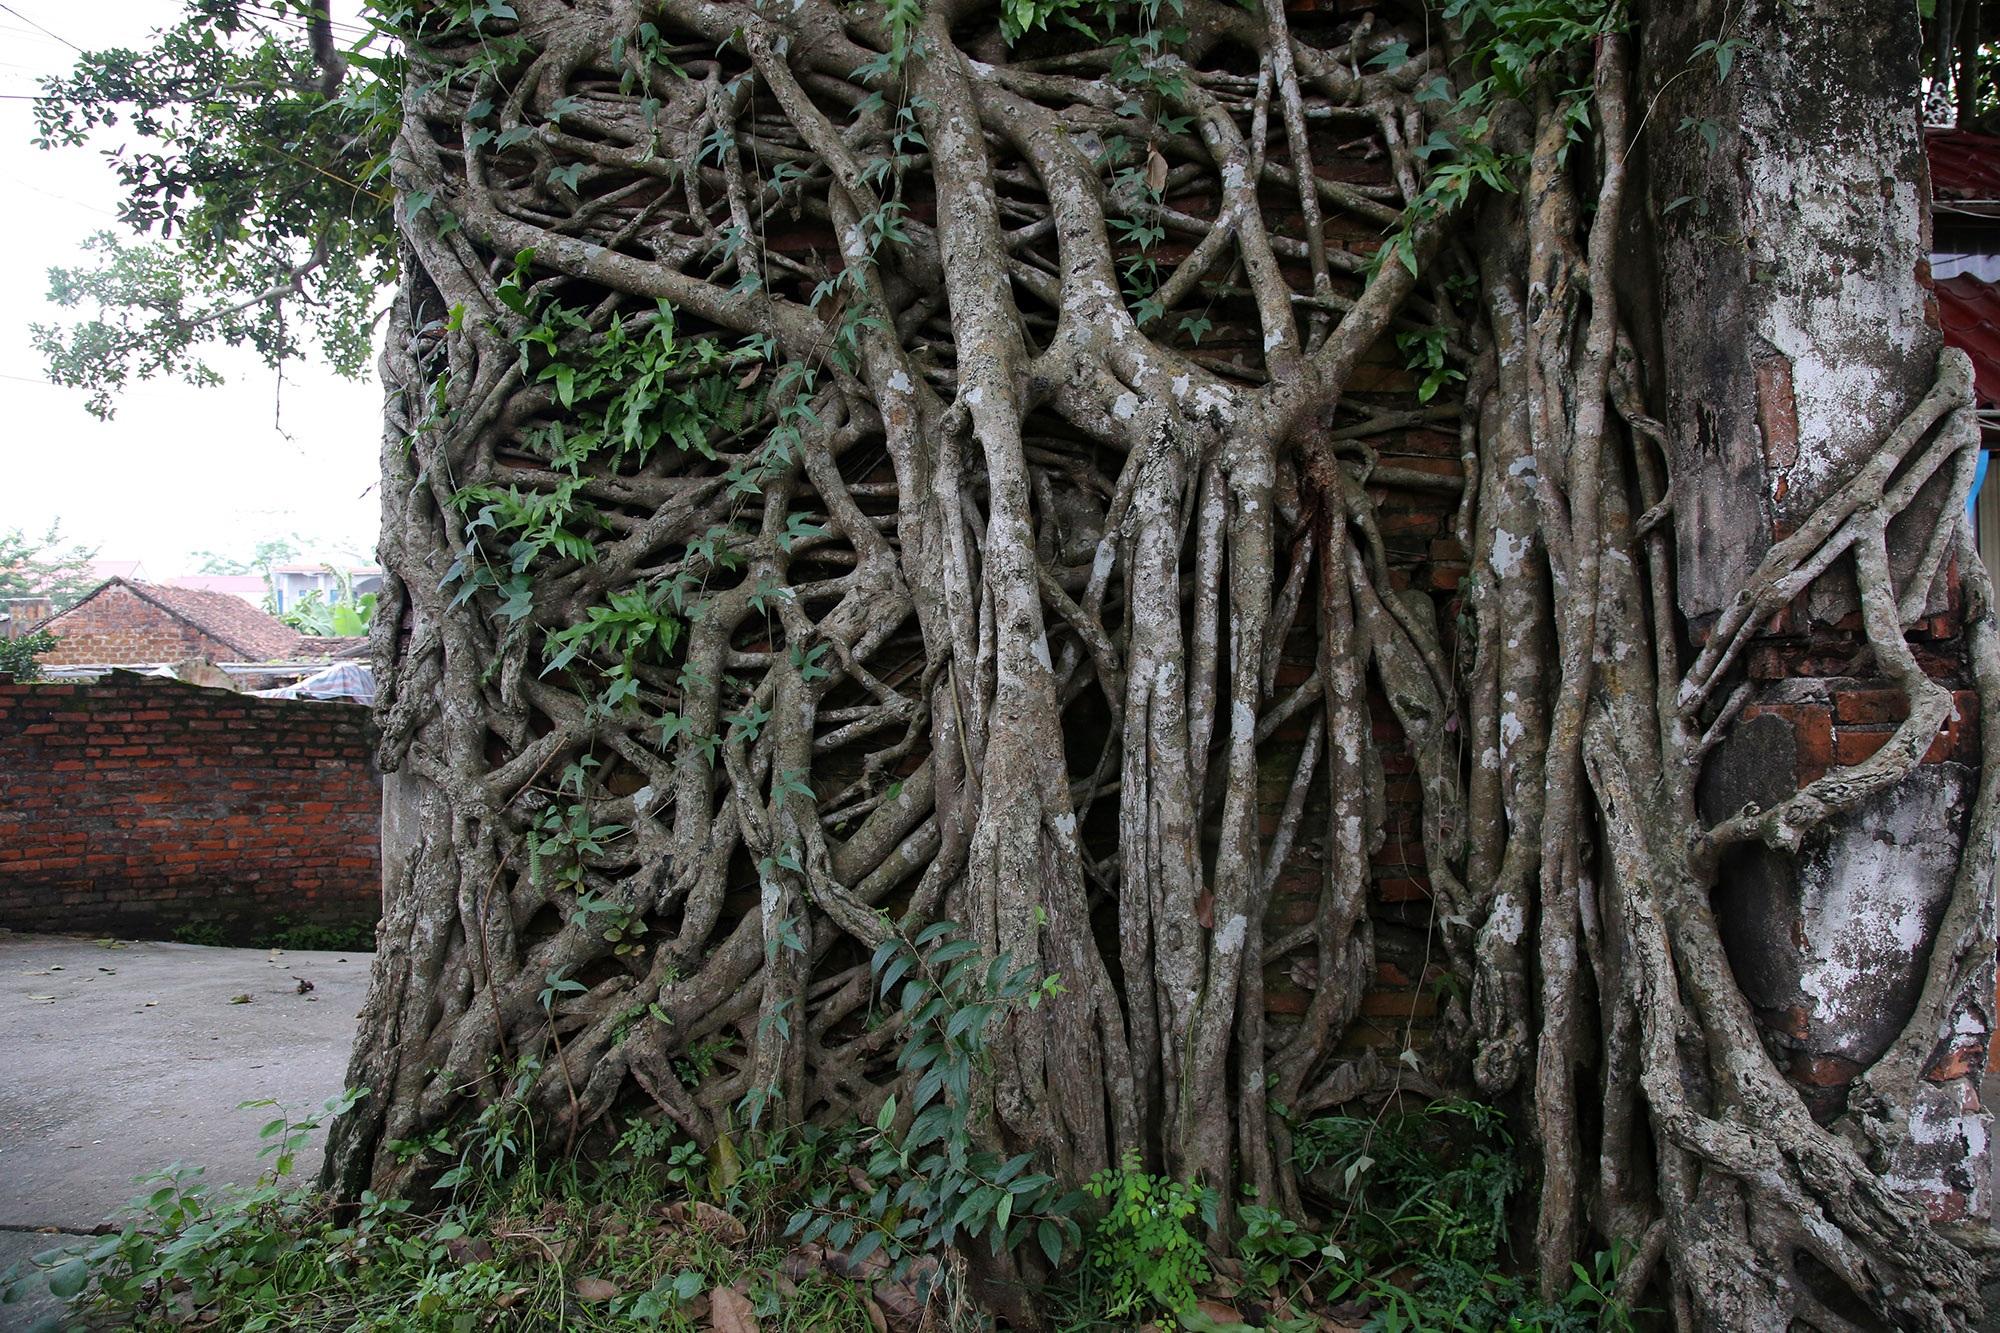 Lạc bước qua những kiệt tác cổng làng từ rễ cây độc đáo tại Bắc bộ - 5